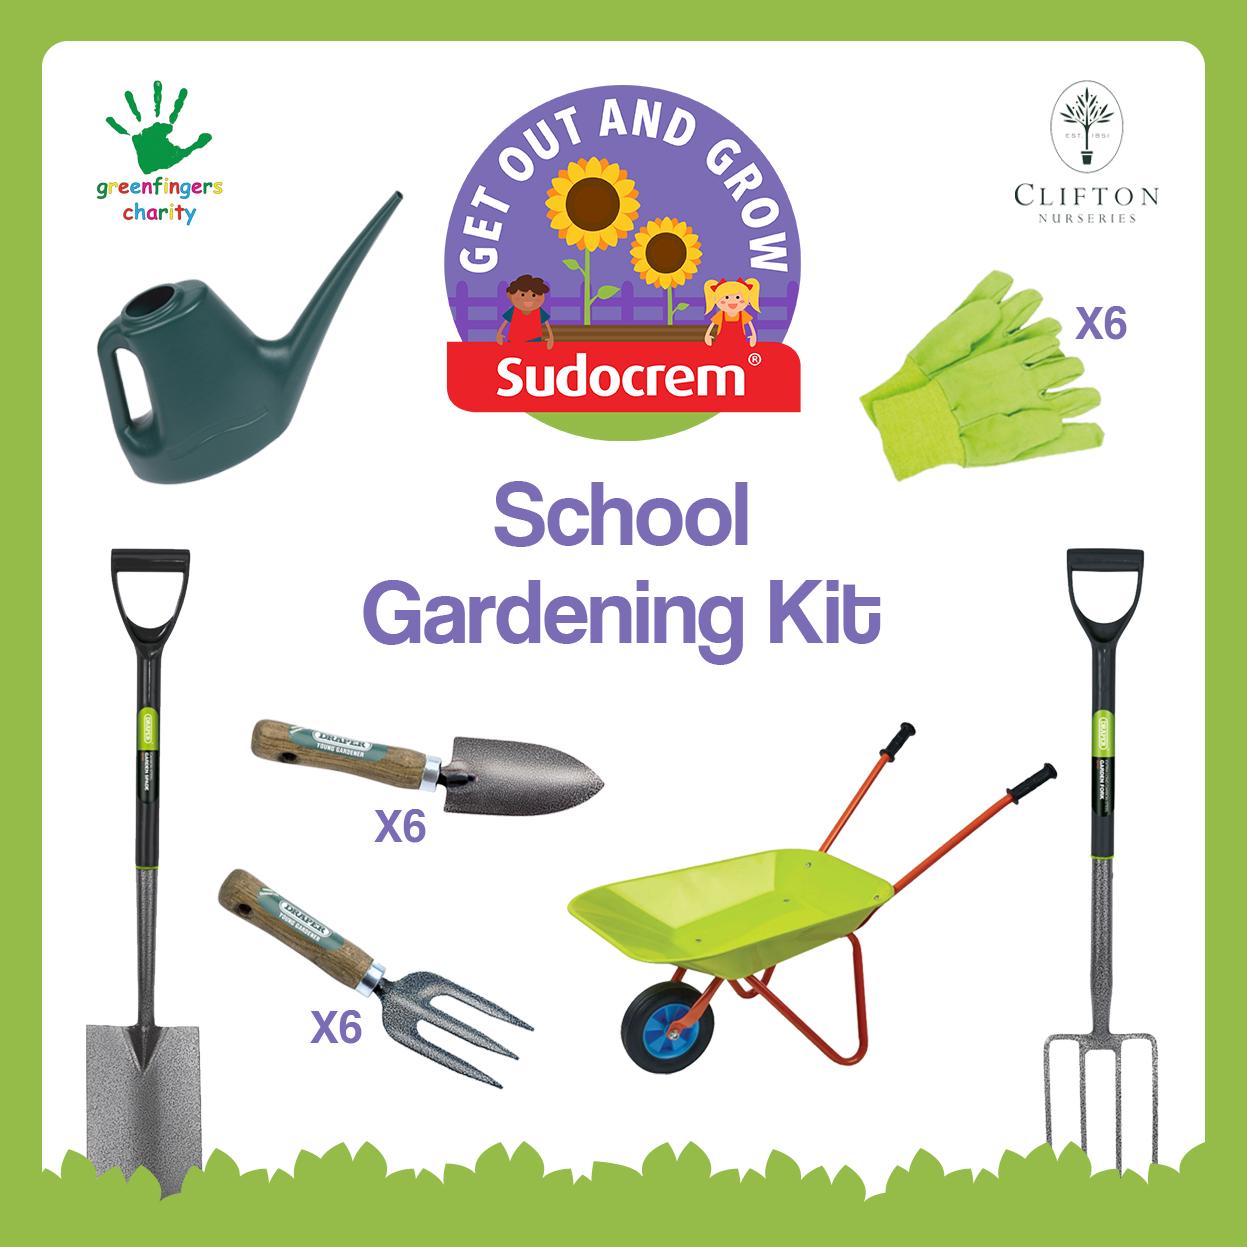 school gardening kit